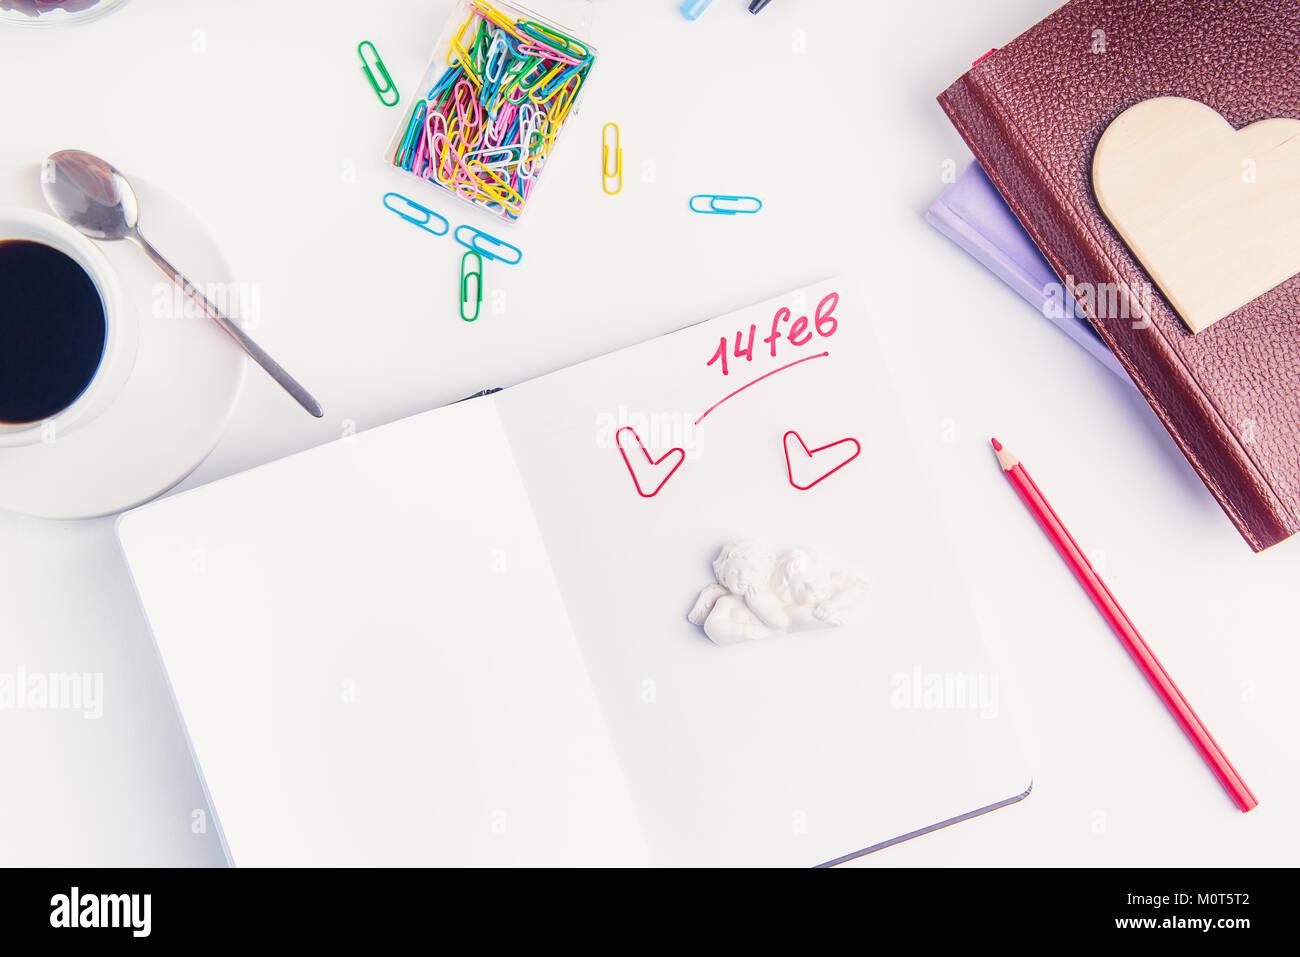 Escritura roja número catorce de febrero, Día de San Valentín texto y ángeles stauette el organizador personal en el lugar de trabajo. Concepto de planificación del día de San Valentín. El enfoque selectivo. Foto de stock